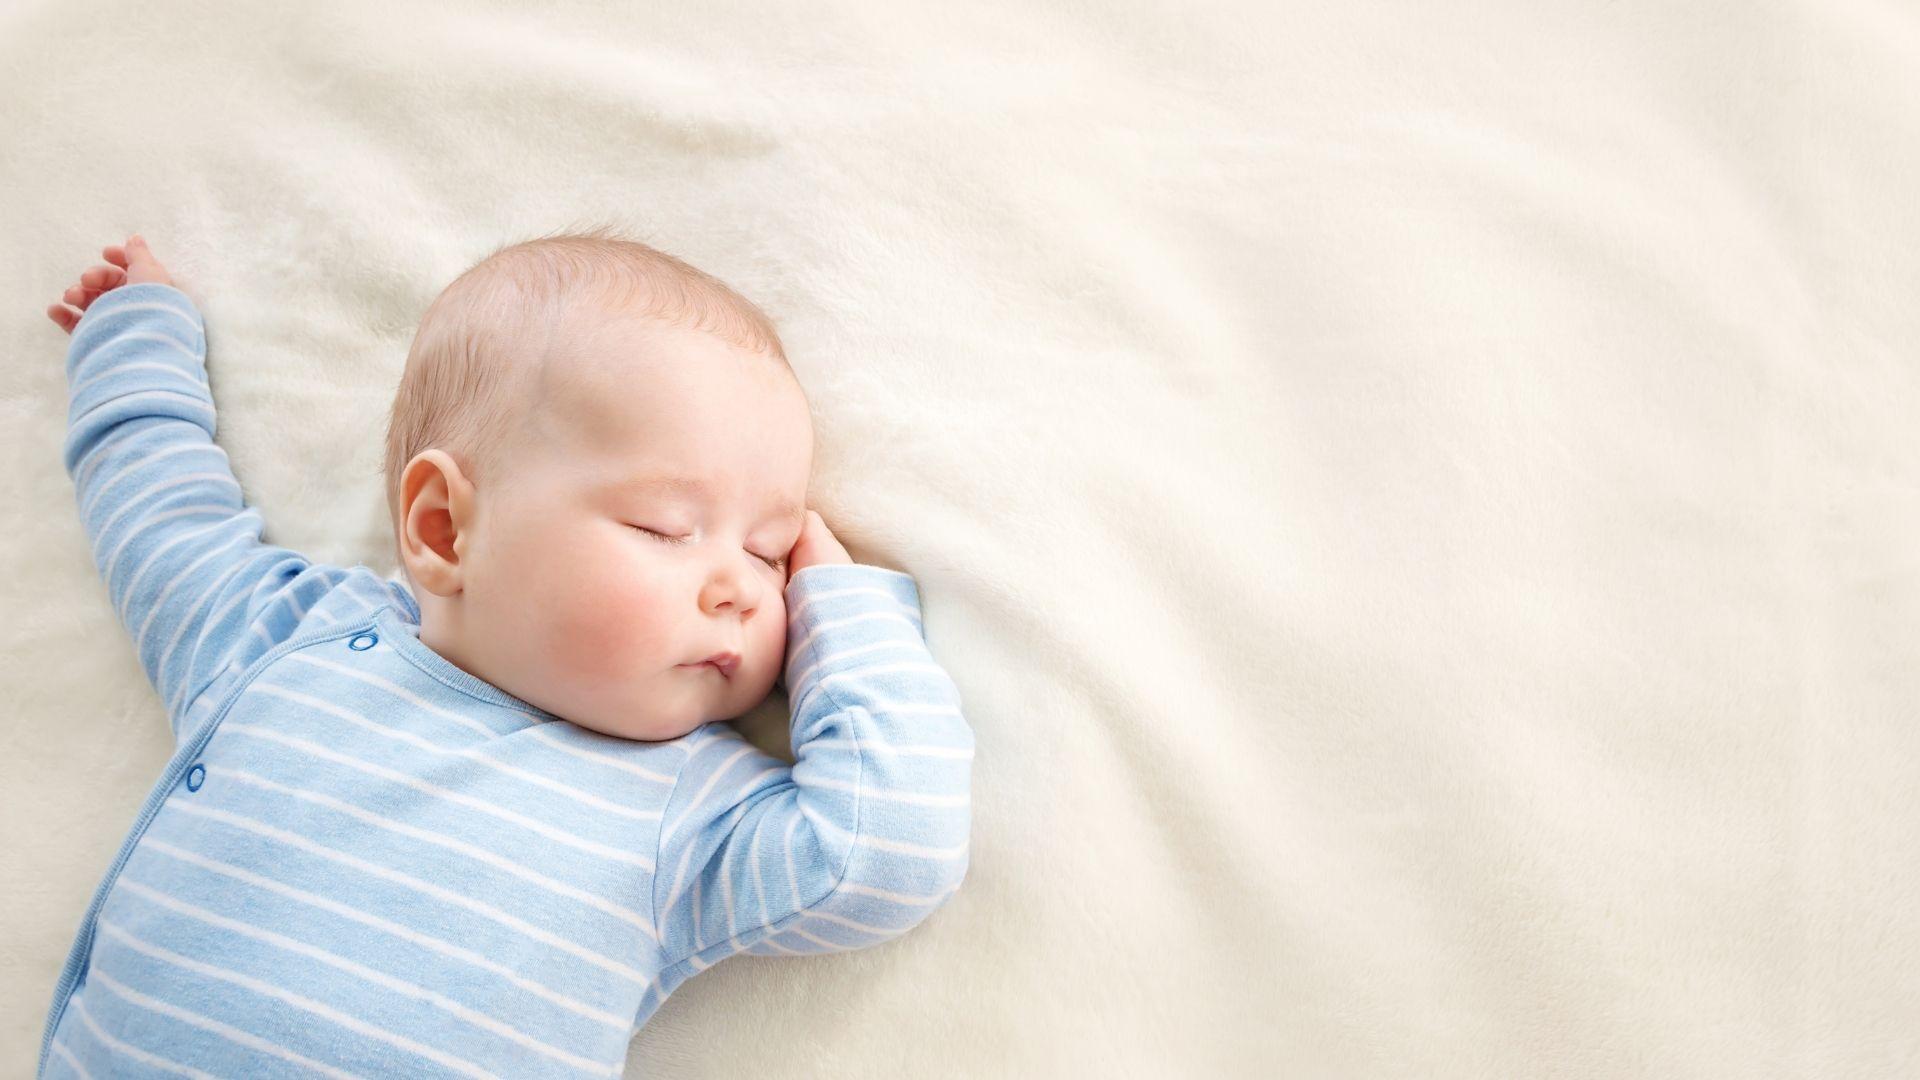 Plötzlicher Kindstod (SIDS): Ursachen und Prävention